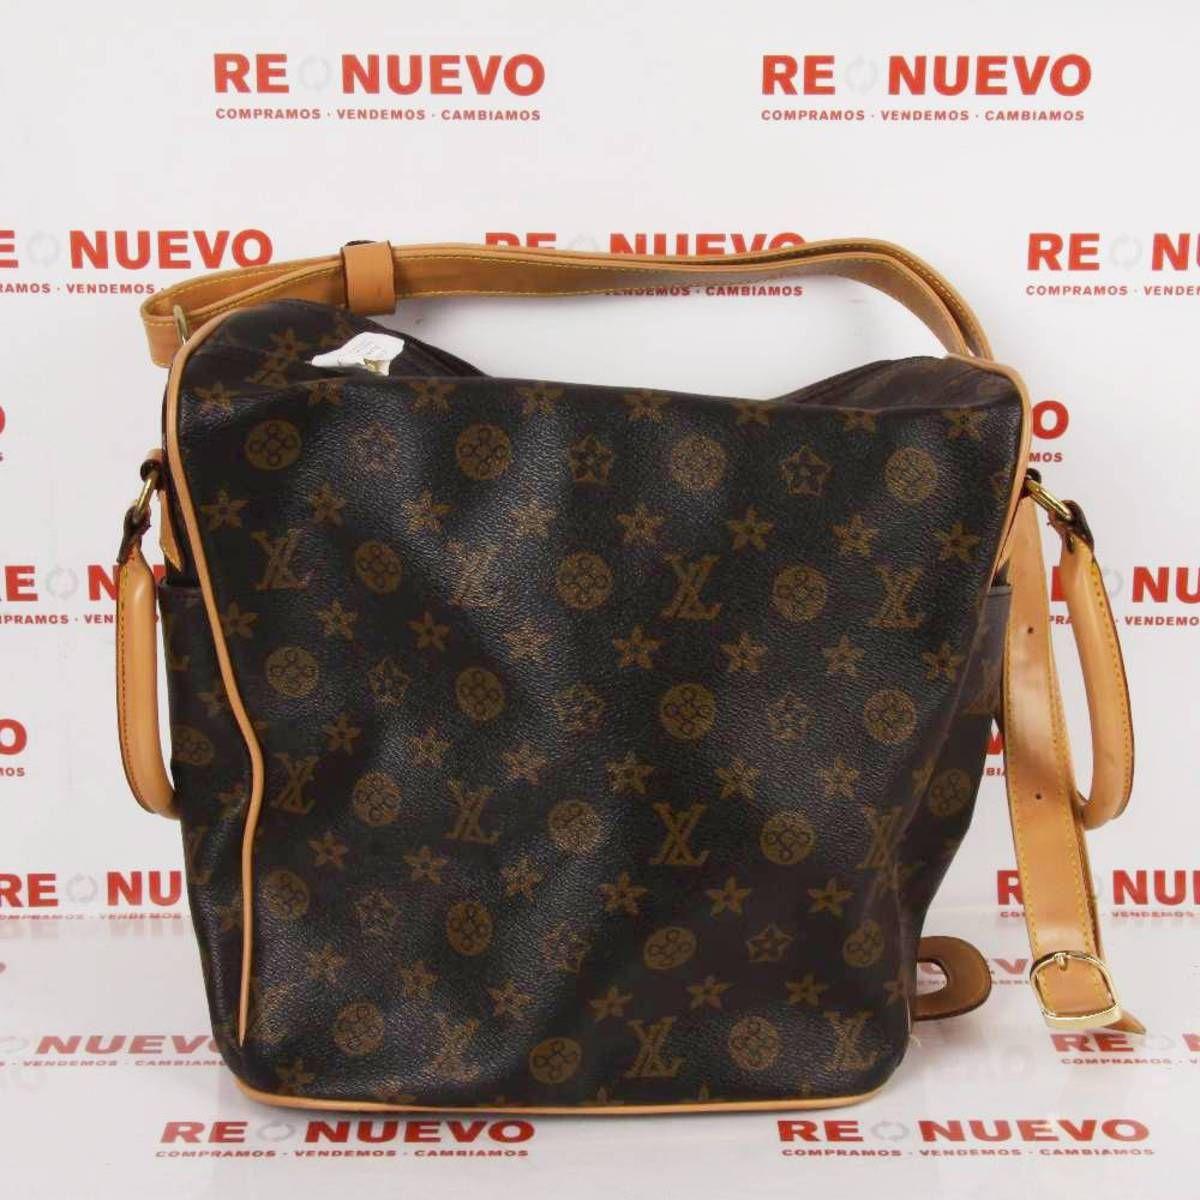 b6c4953a251e2 Réplica E272714 Bolso Mano De Tienda luisbuiton Online Segunda Uw8X8vqd